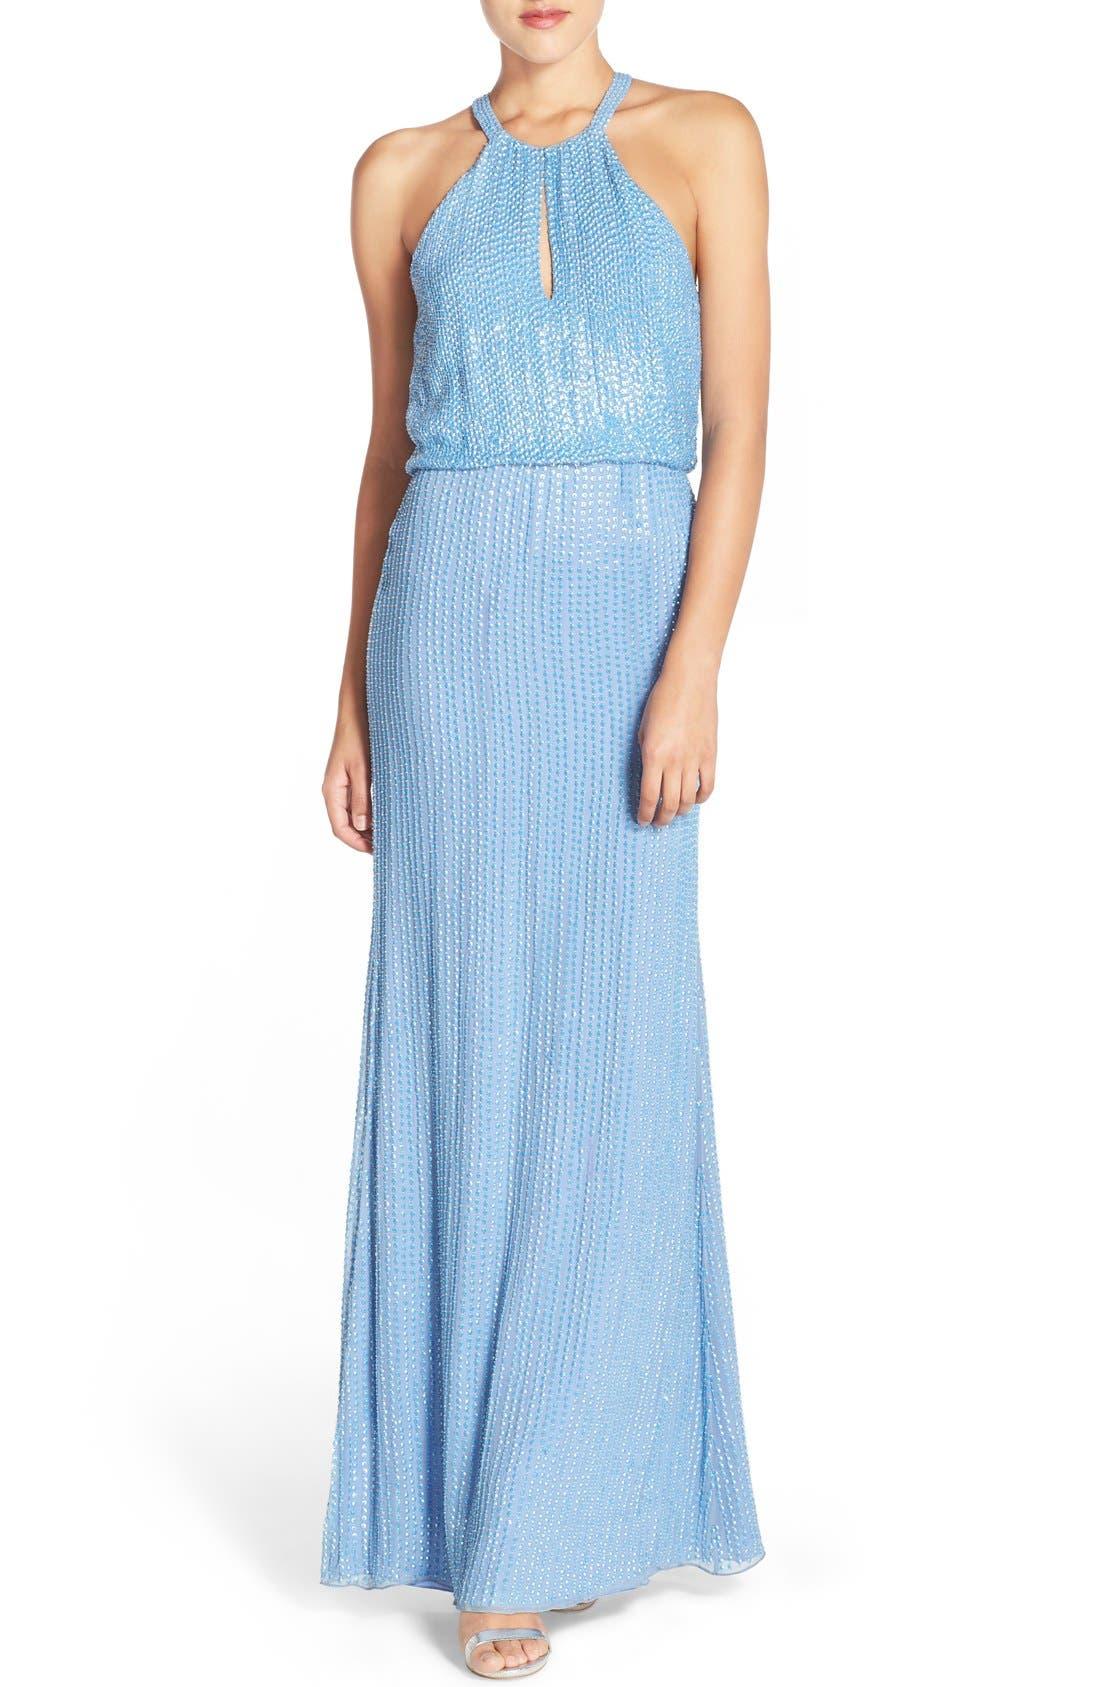 Alternate Image 1 Selected - Parker 'Marceline' Beaded Blouson Gown